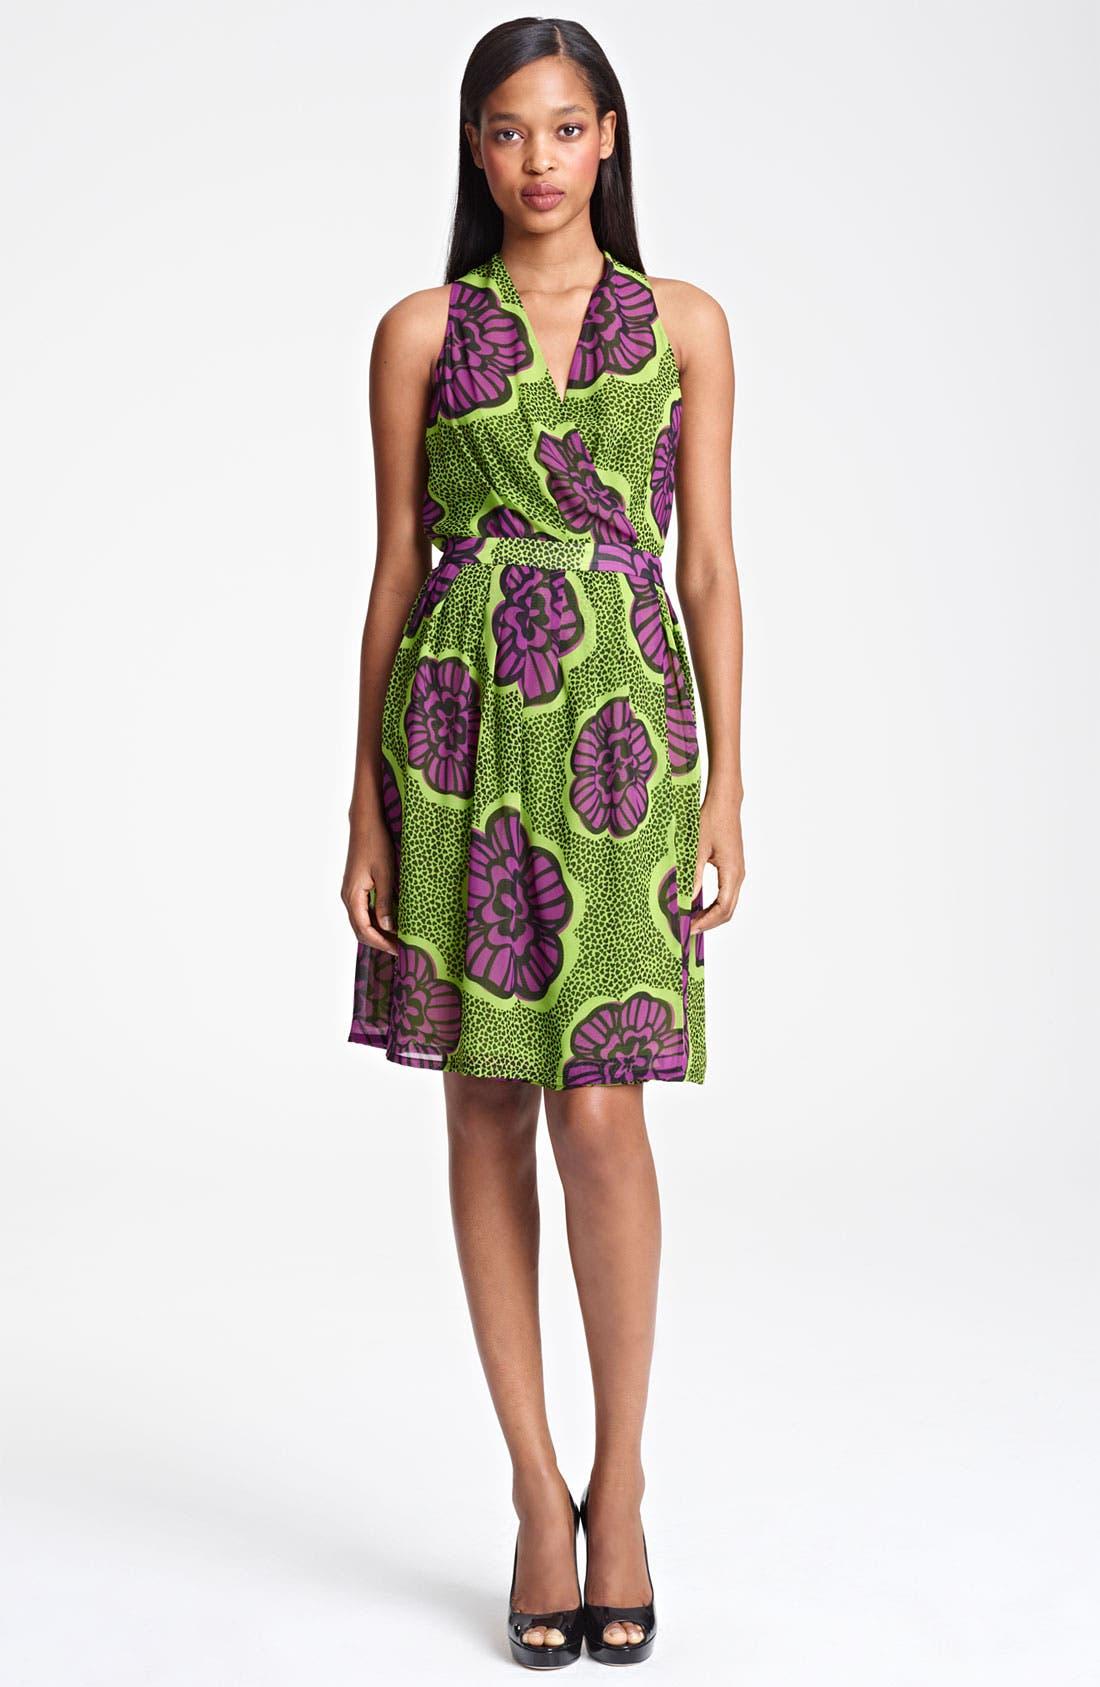 Alternate Image 1 Selected - Moschino Cheap & Chic Print Chiffon Dress